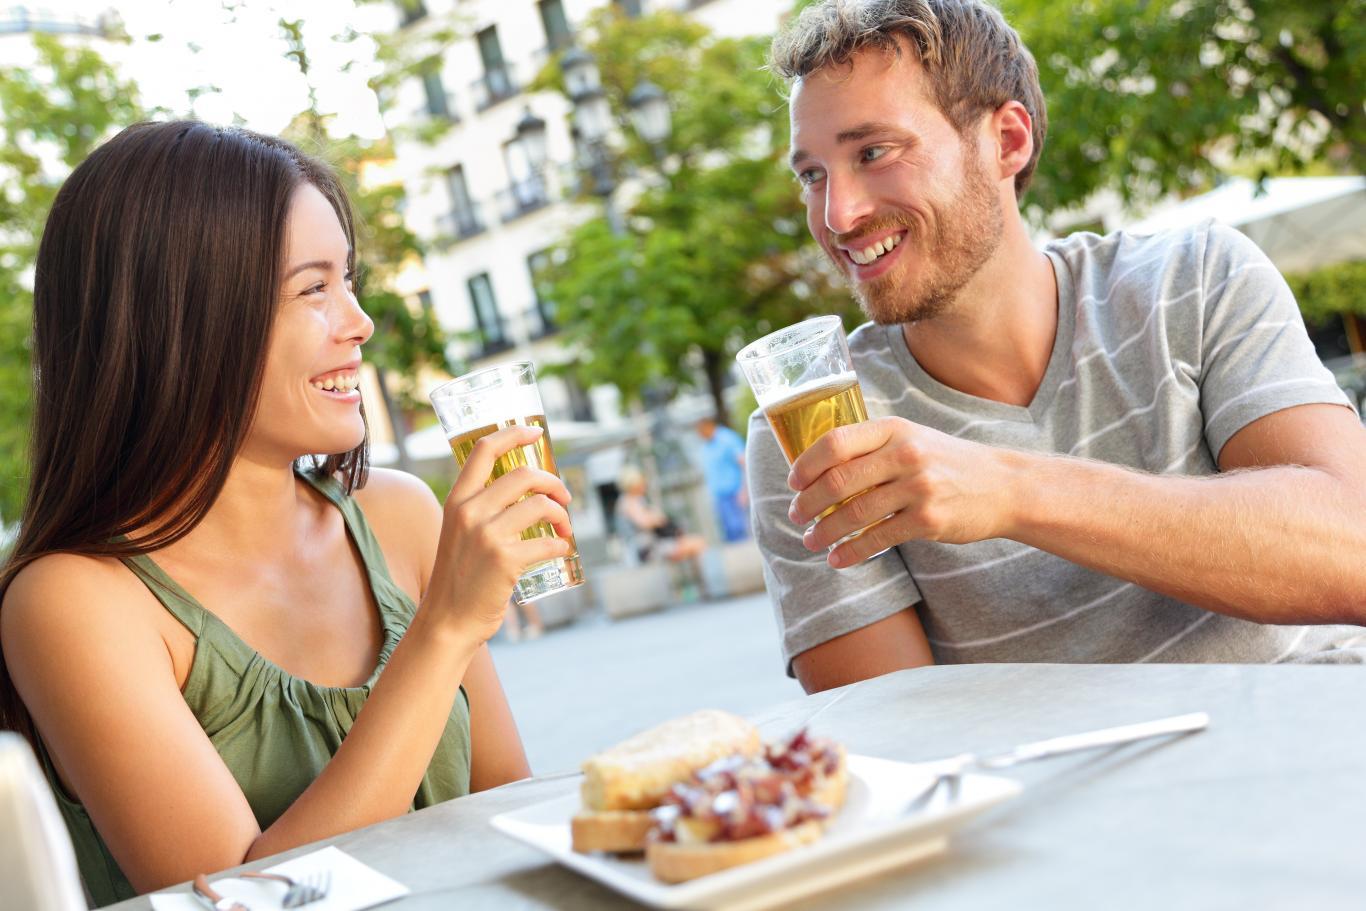 Personas tomando algo en una terraza